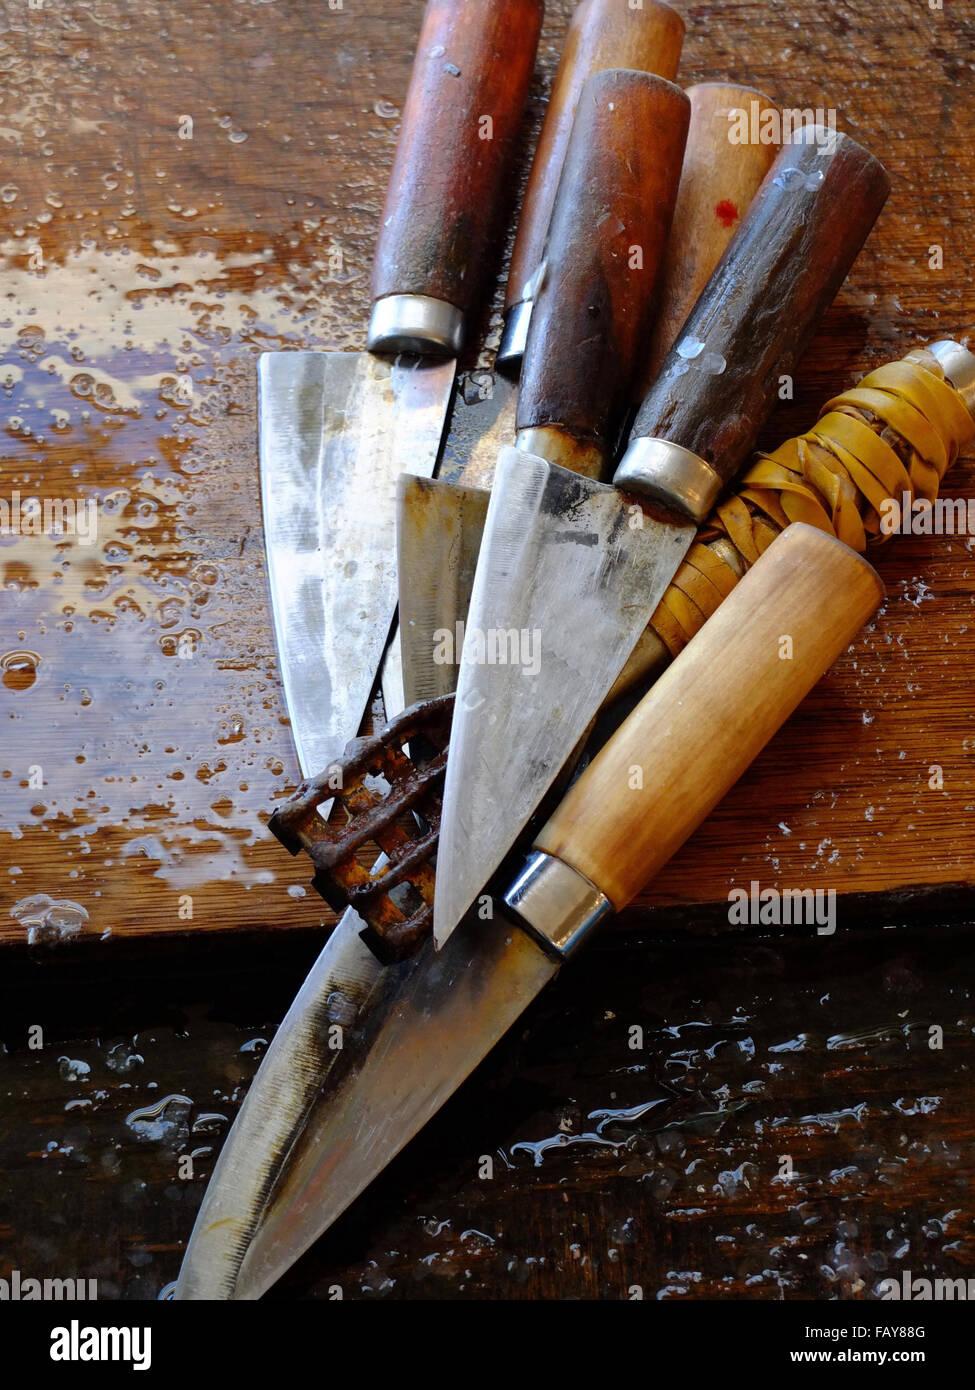 knifes - Stock Image